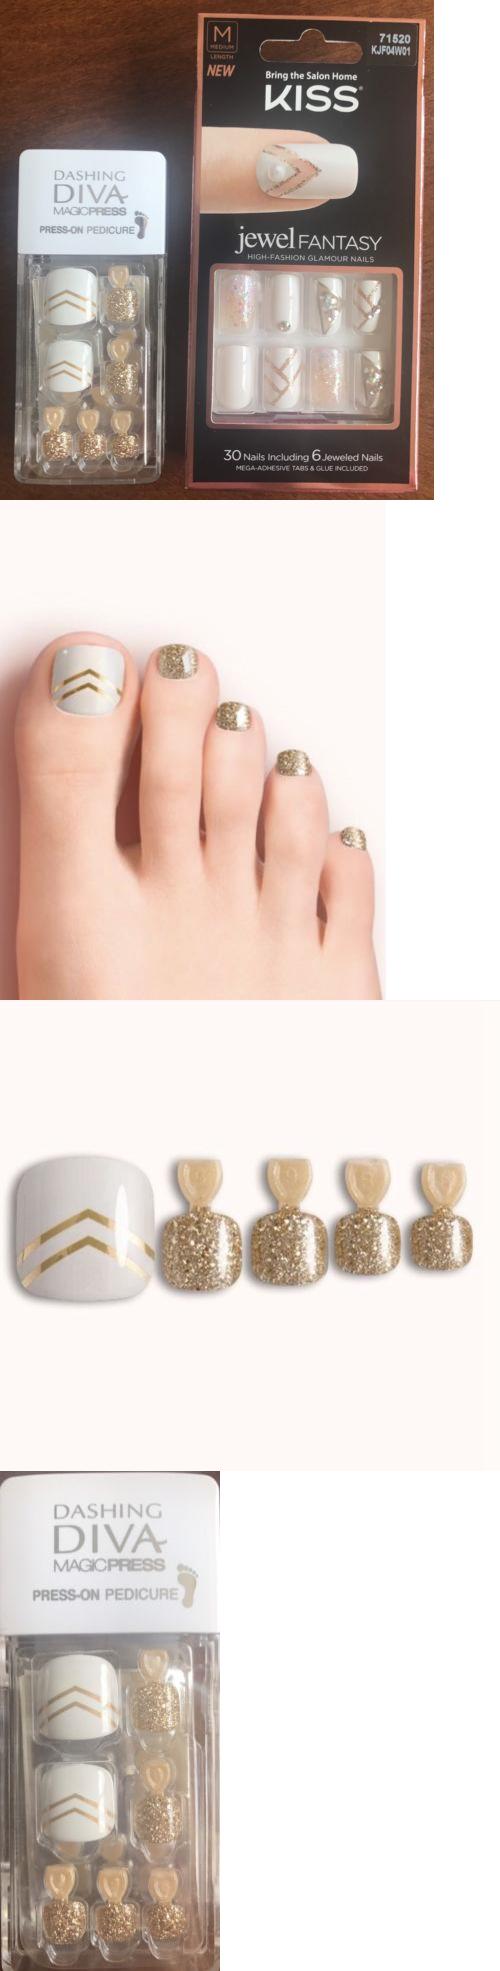 Press-On Nails: Kiss Jewel Fantasy Finger Nails And Dashing Diva ...